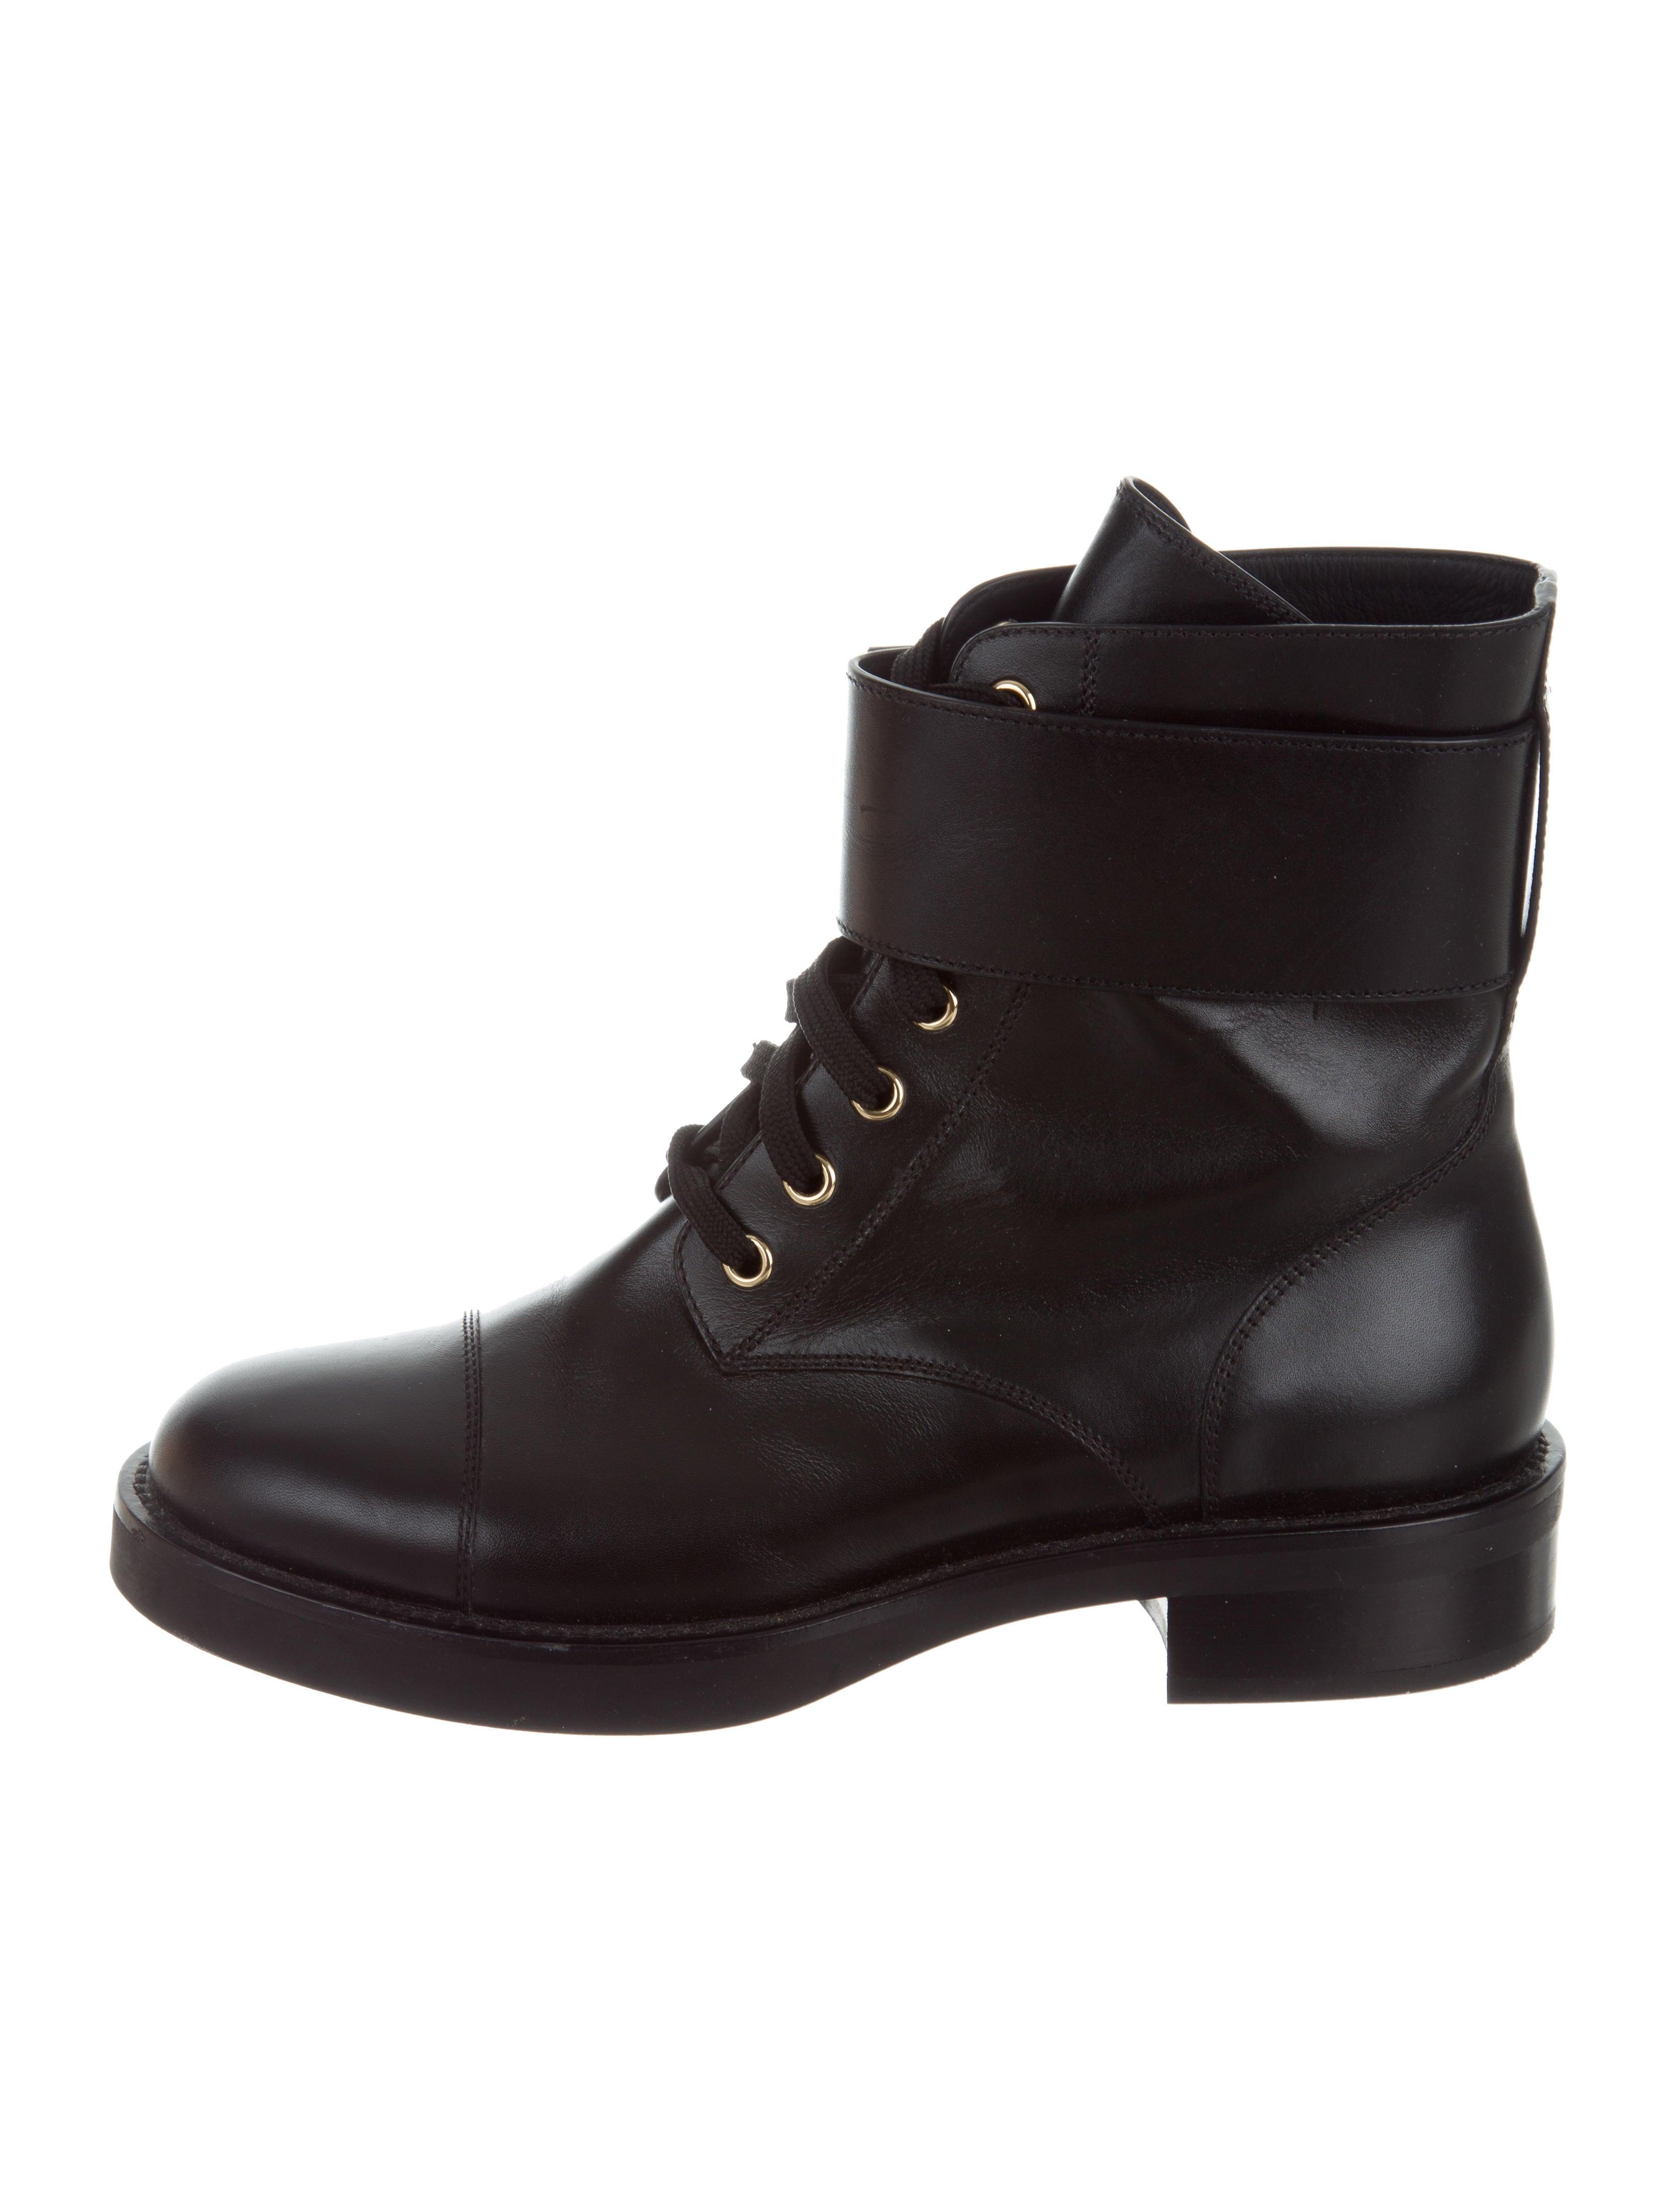 ea3136fe26d1 Louis Vuitton 2017 Wonderland Ranger Boots - Shoes - LOU119466